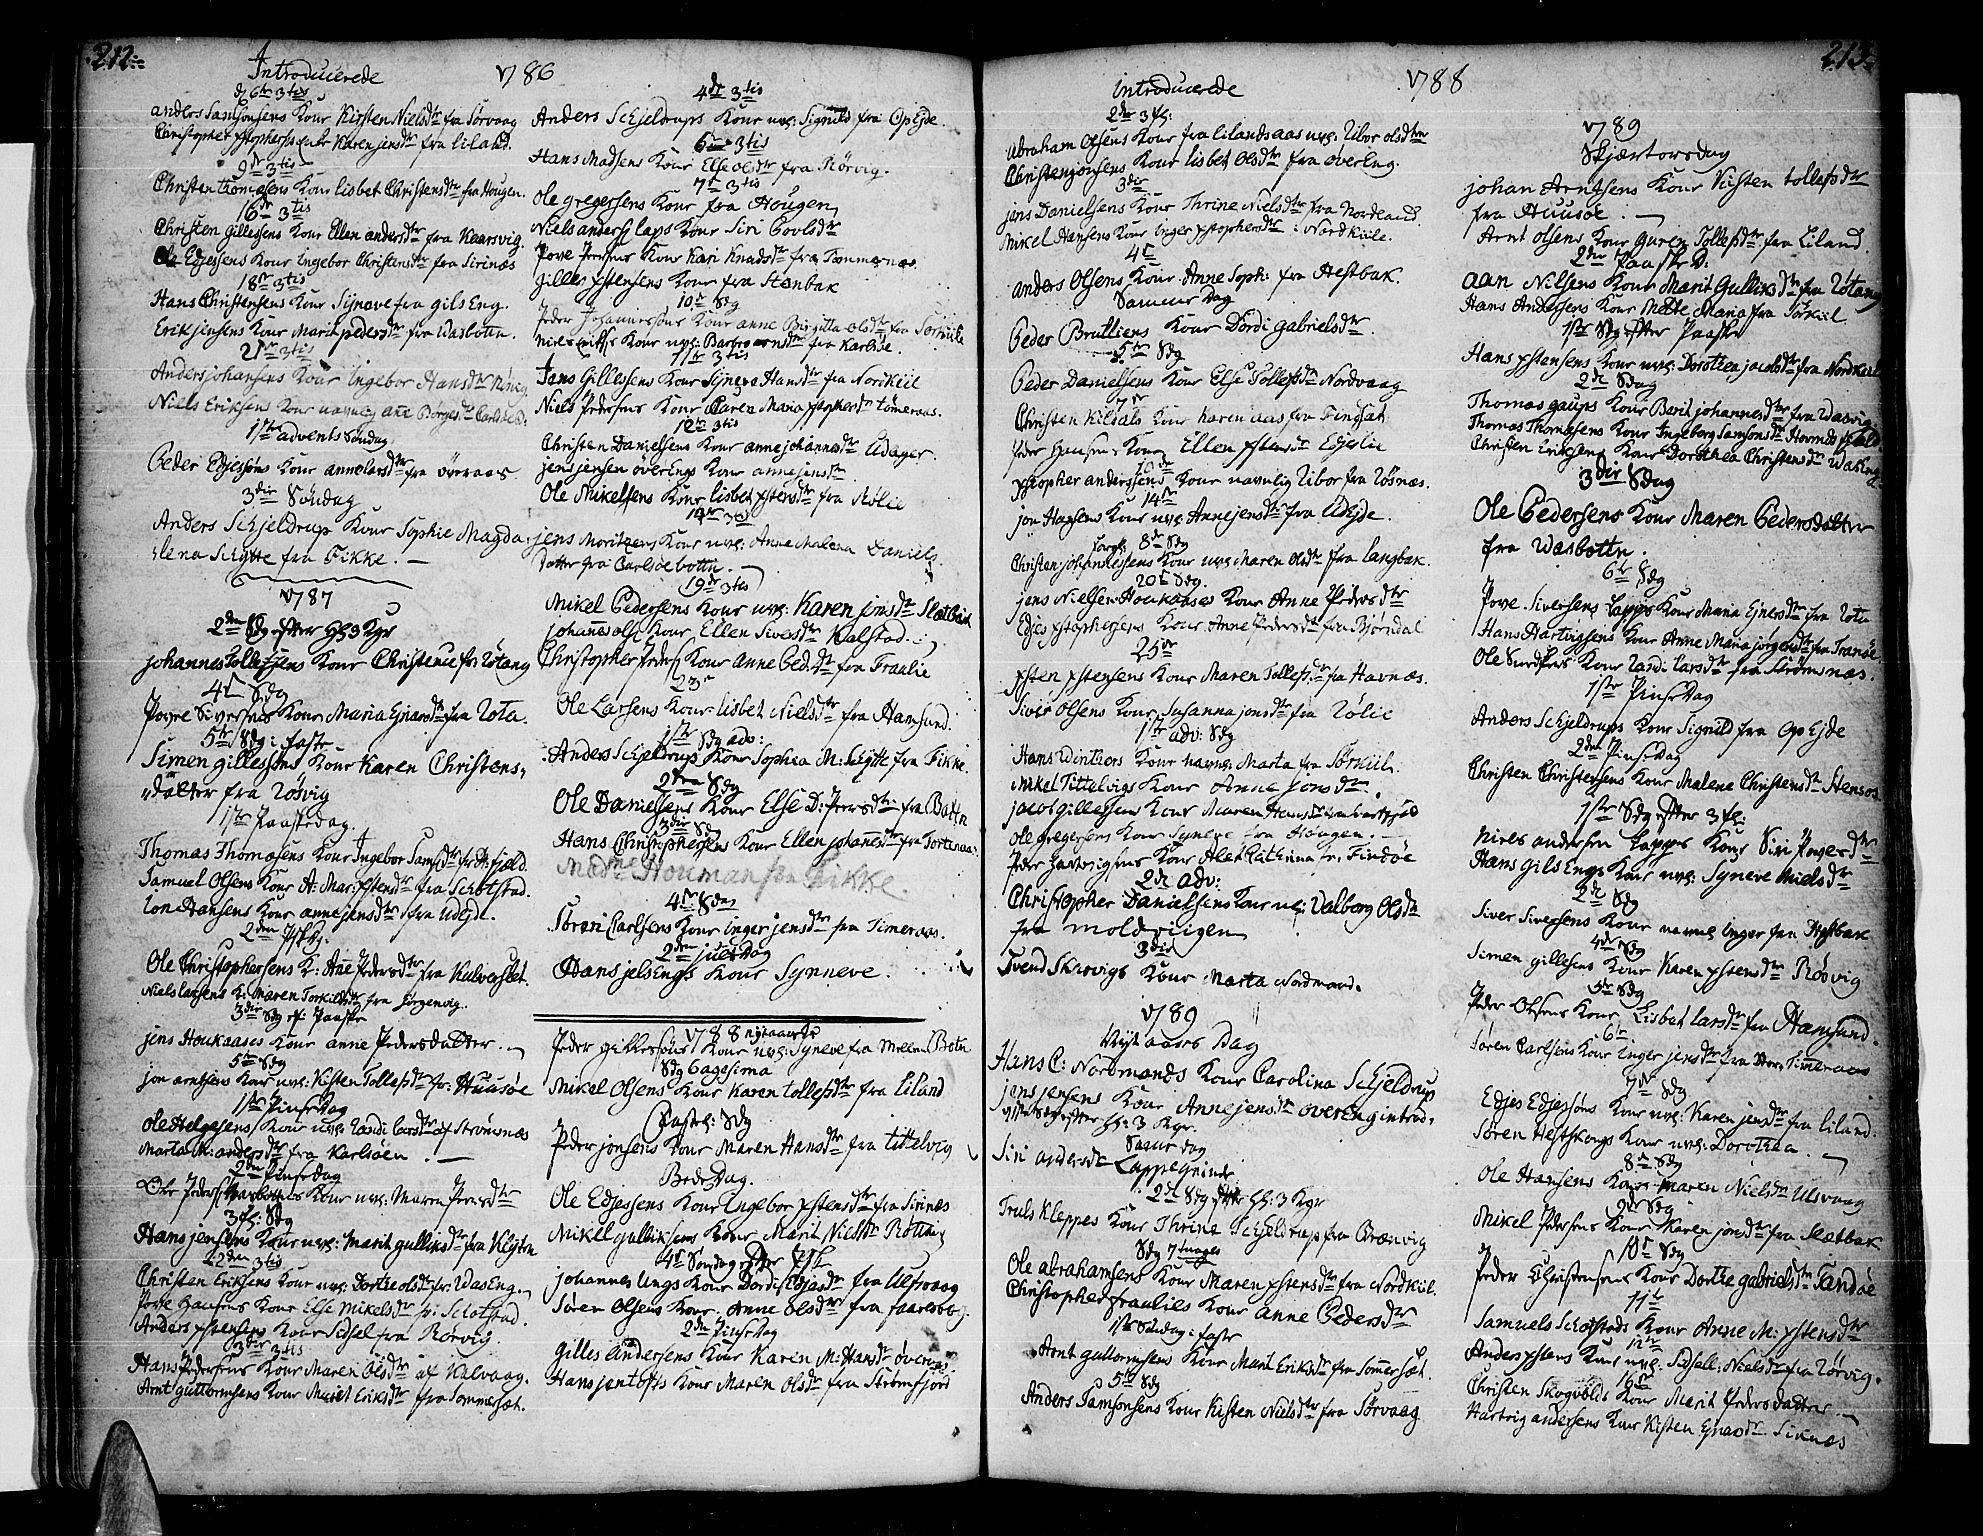 SAT, Ministerialprotokoller, klokkerbøker og fødselsregistre - Nordland, 859/L0841: Parish register (official) no. 859A01, 1766-1821, p. 212-213